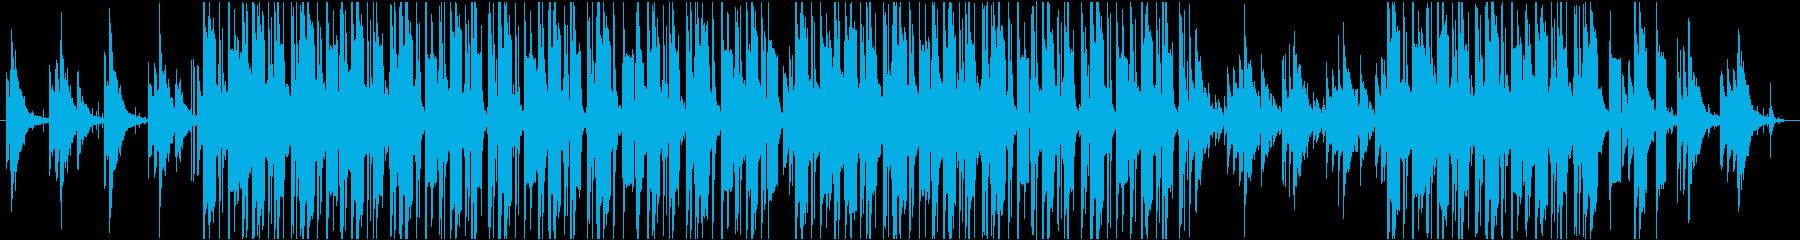 浮遊感に包まれる Lo-Fi Chillの再生済みの波形